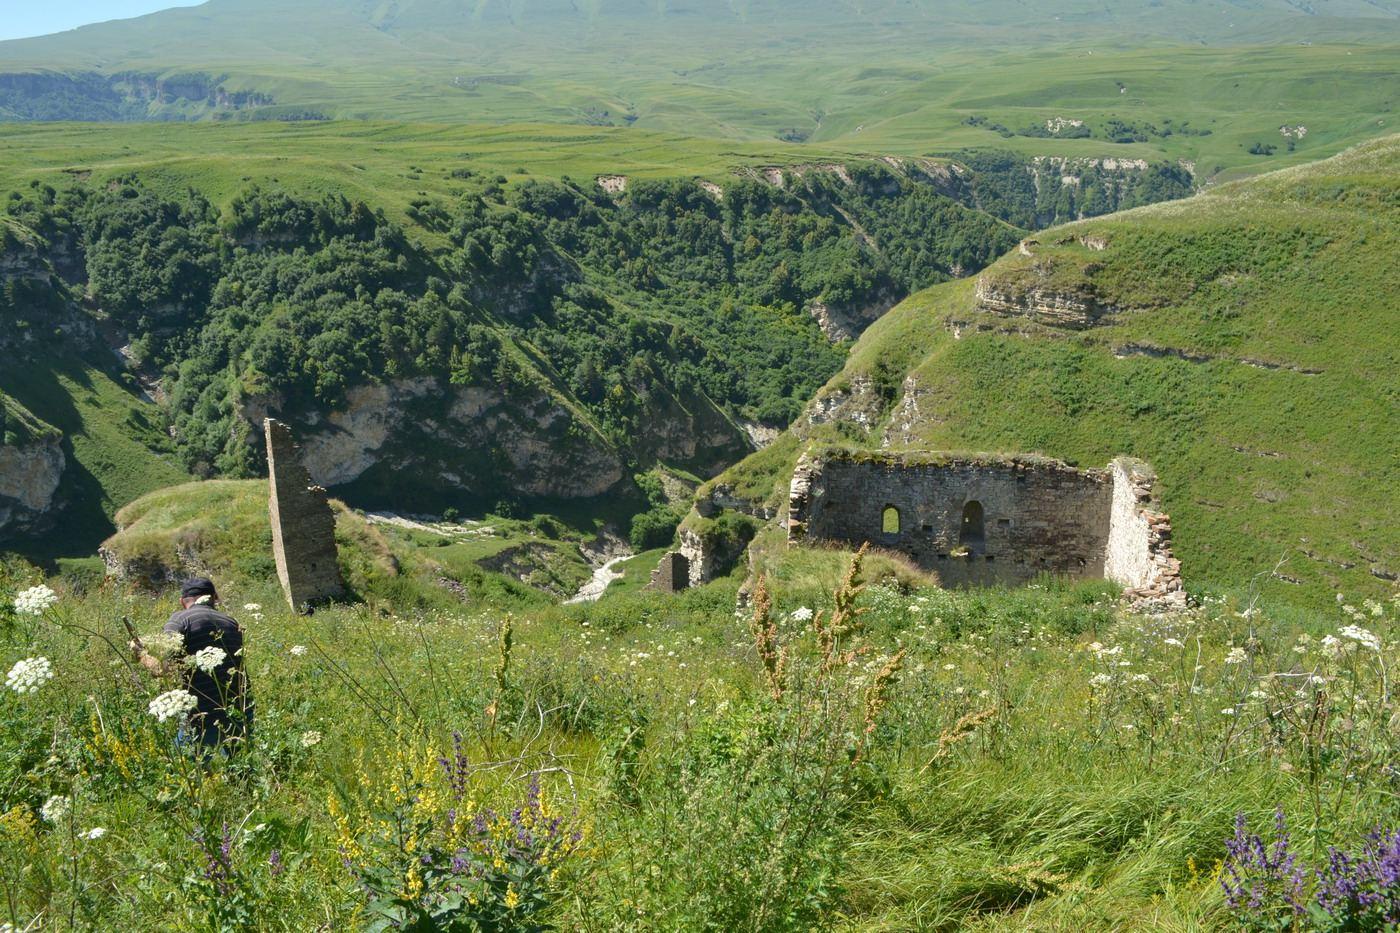 замок горцев, тропинка, руины, в чечне, горы кавказа